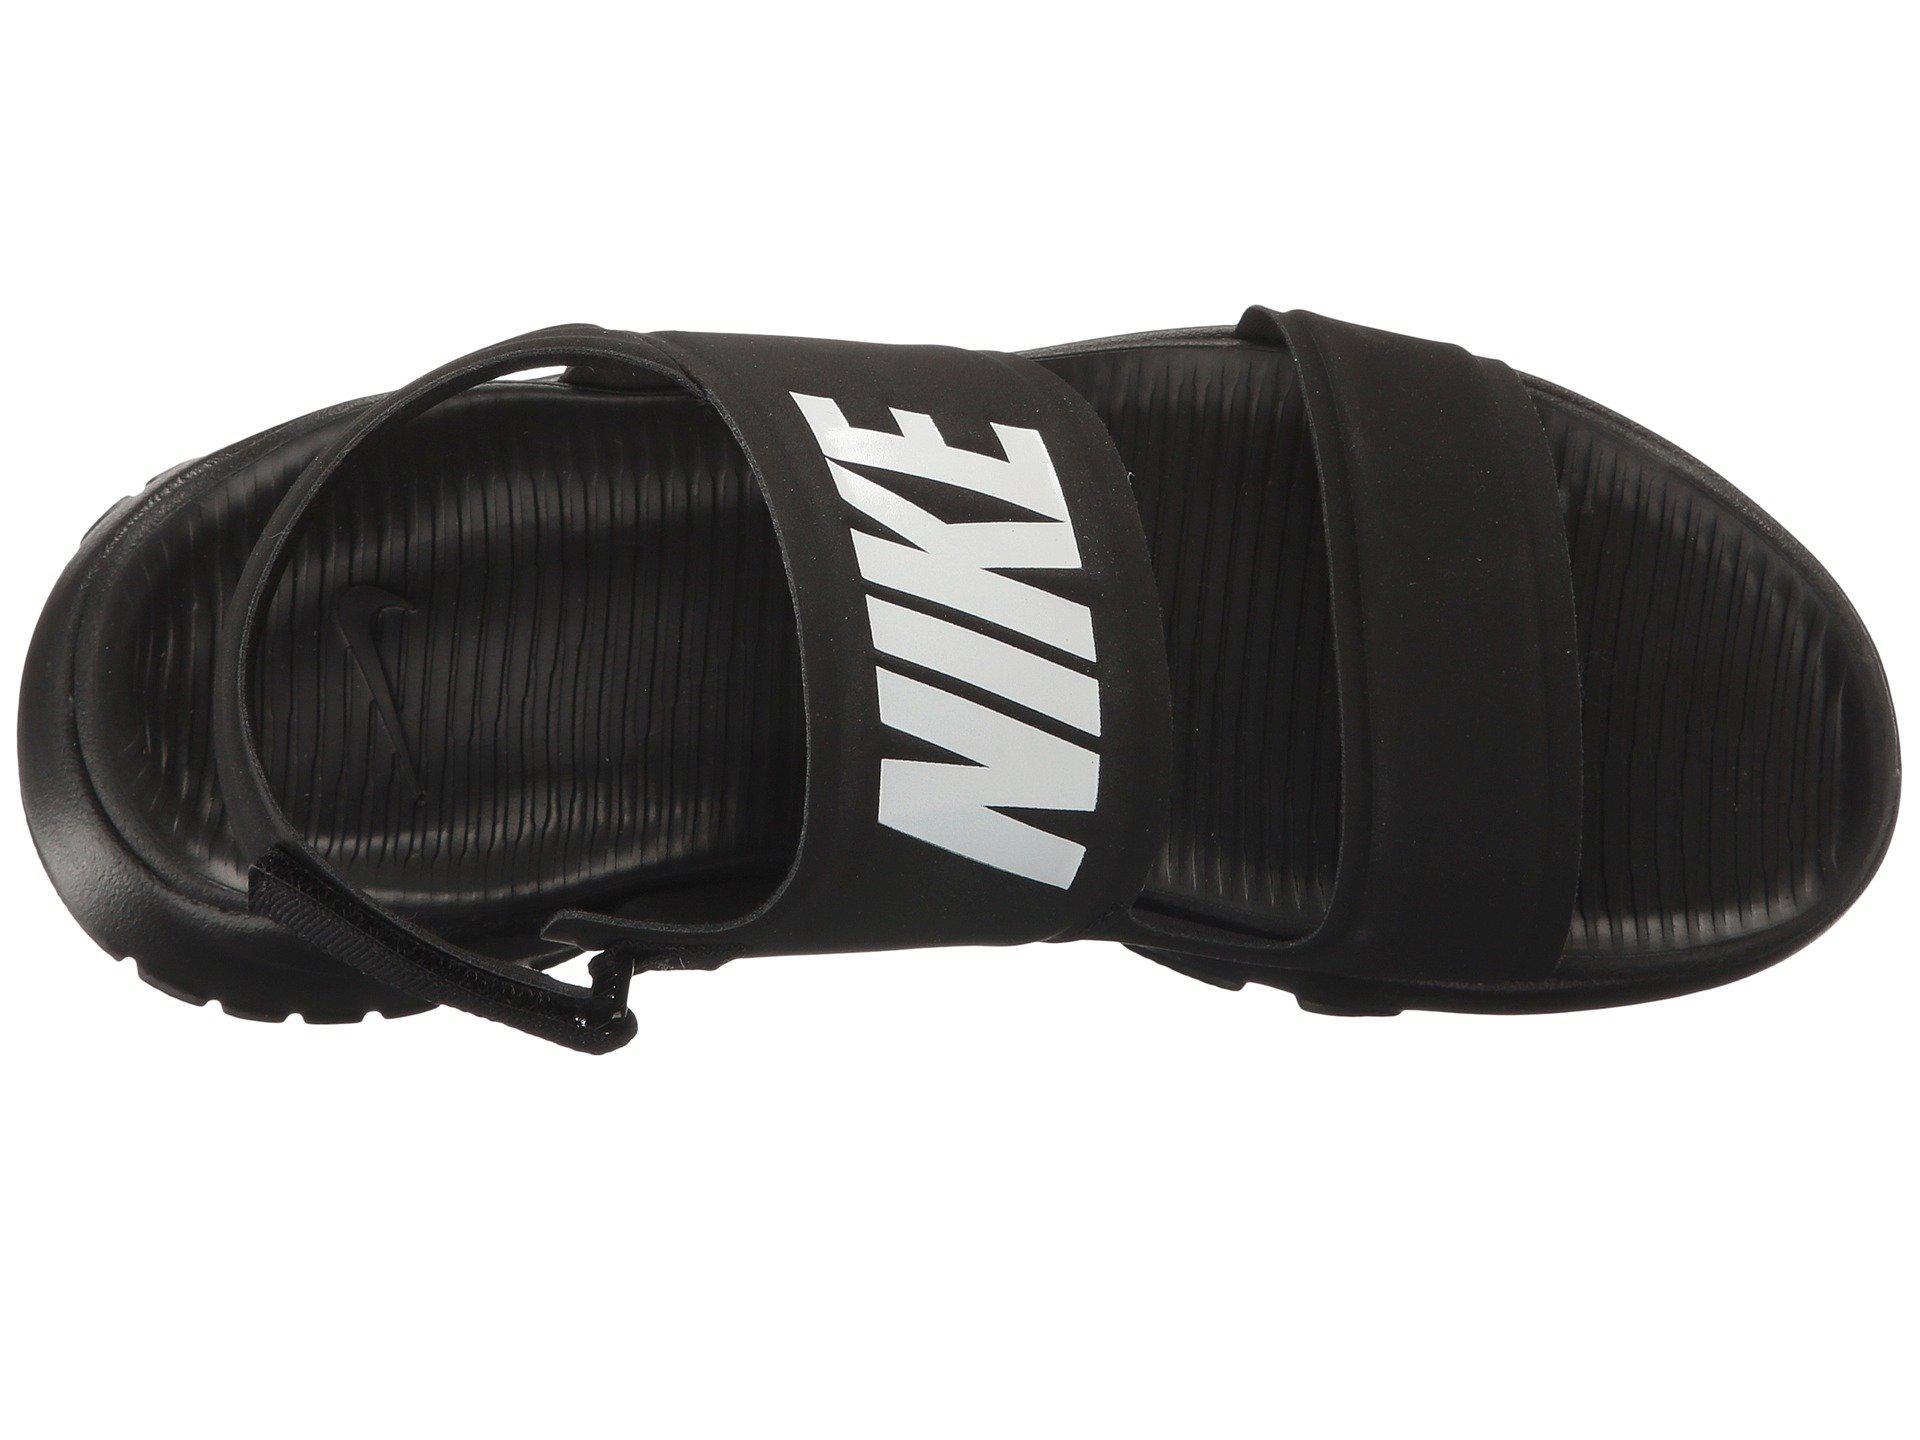 90239ba6a808fc Lyst - Nike Tanjun Sandal (black black white) Women s Shoes in Black